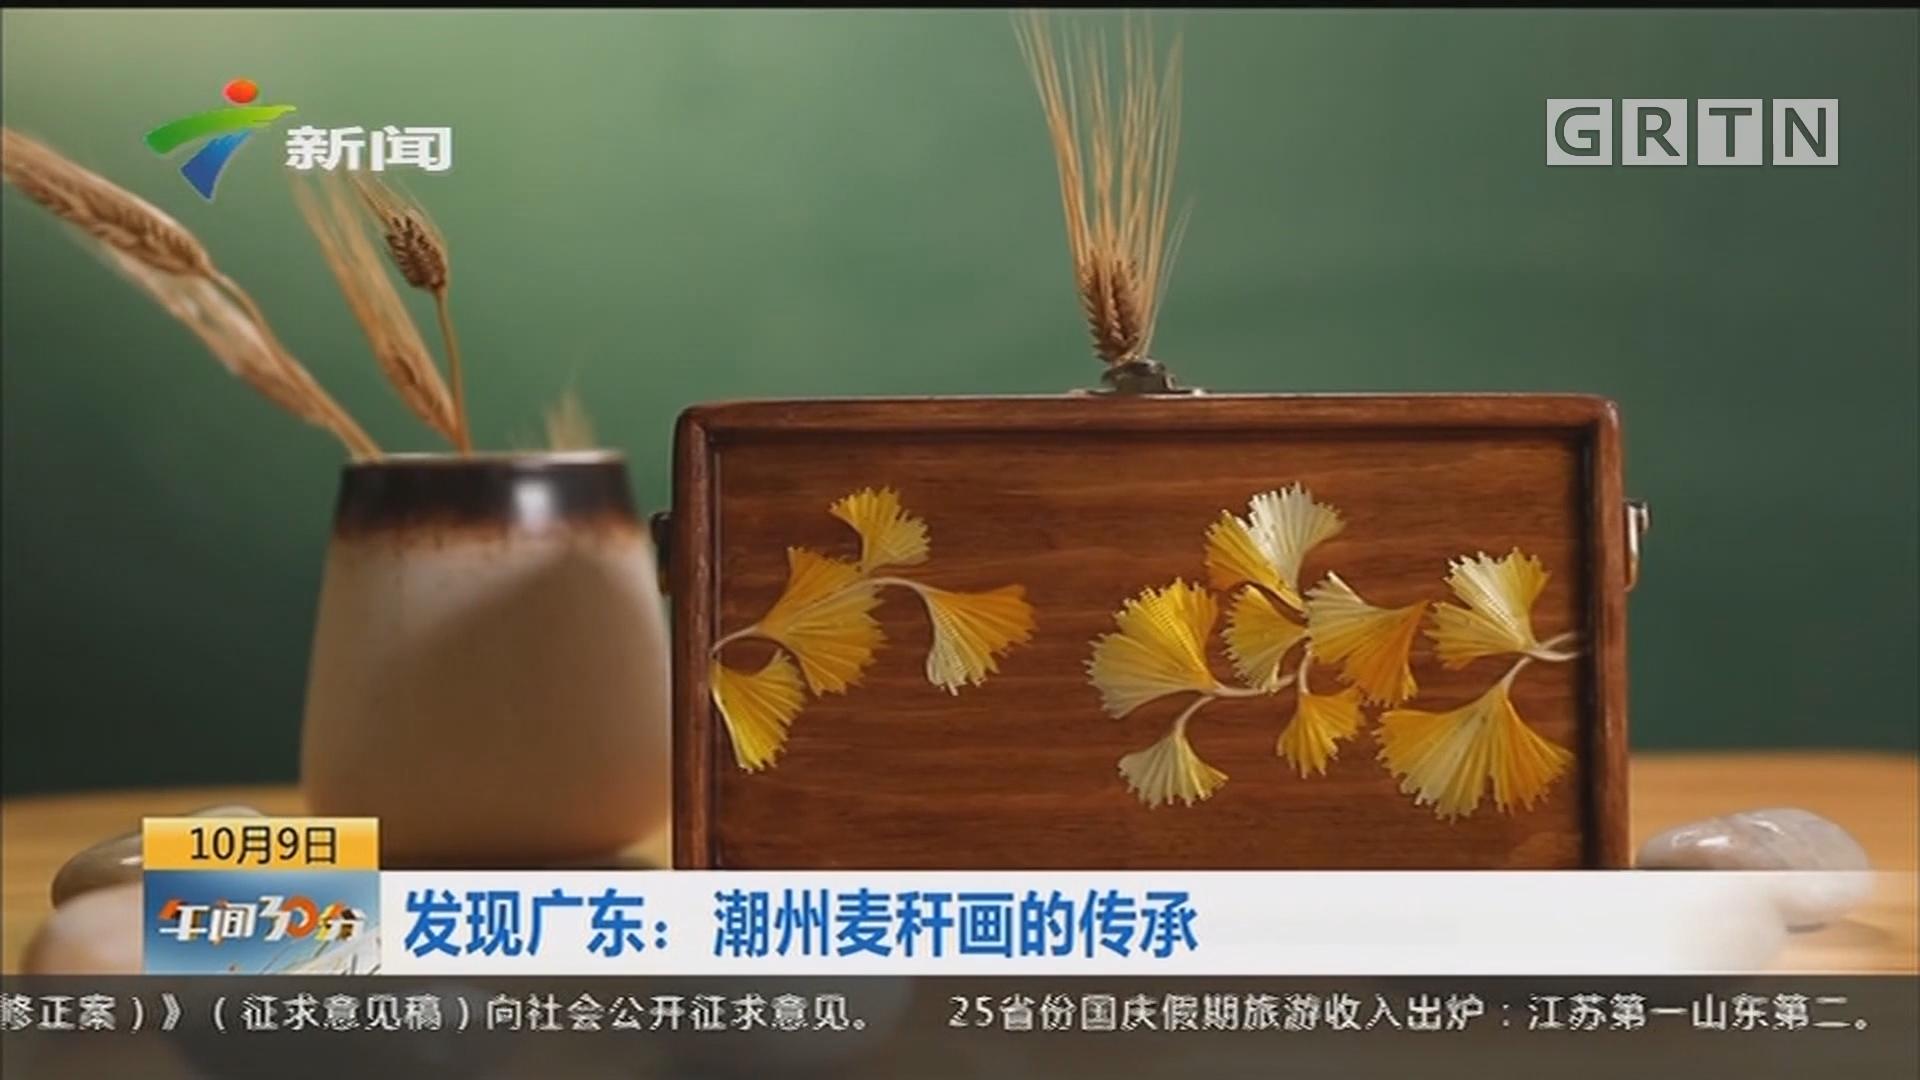 发现广东:潮州麦秆画的传承